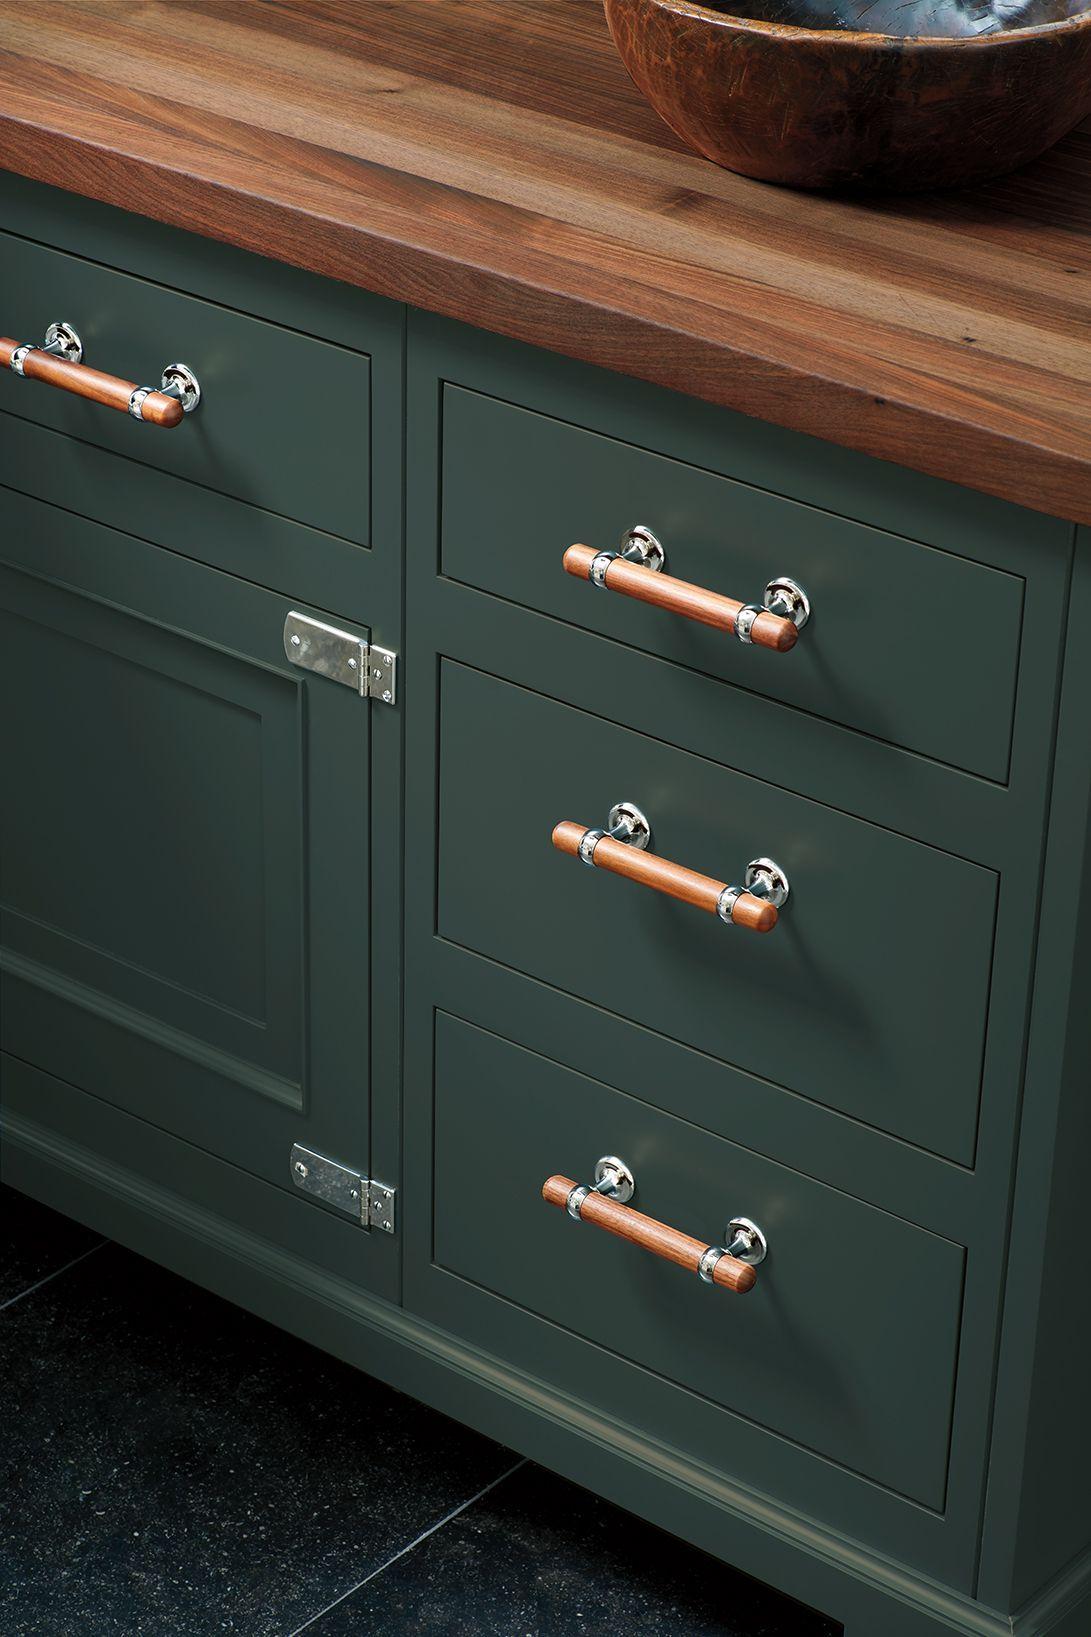 Stockton 6 1 4 Walnut Pull Walnut Worktop Copper Handles Kitchen Kitchen Redesign